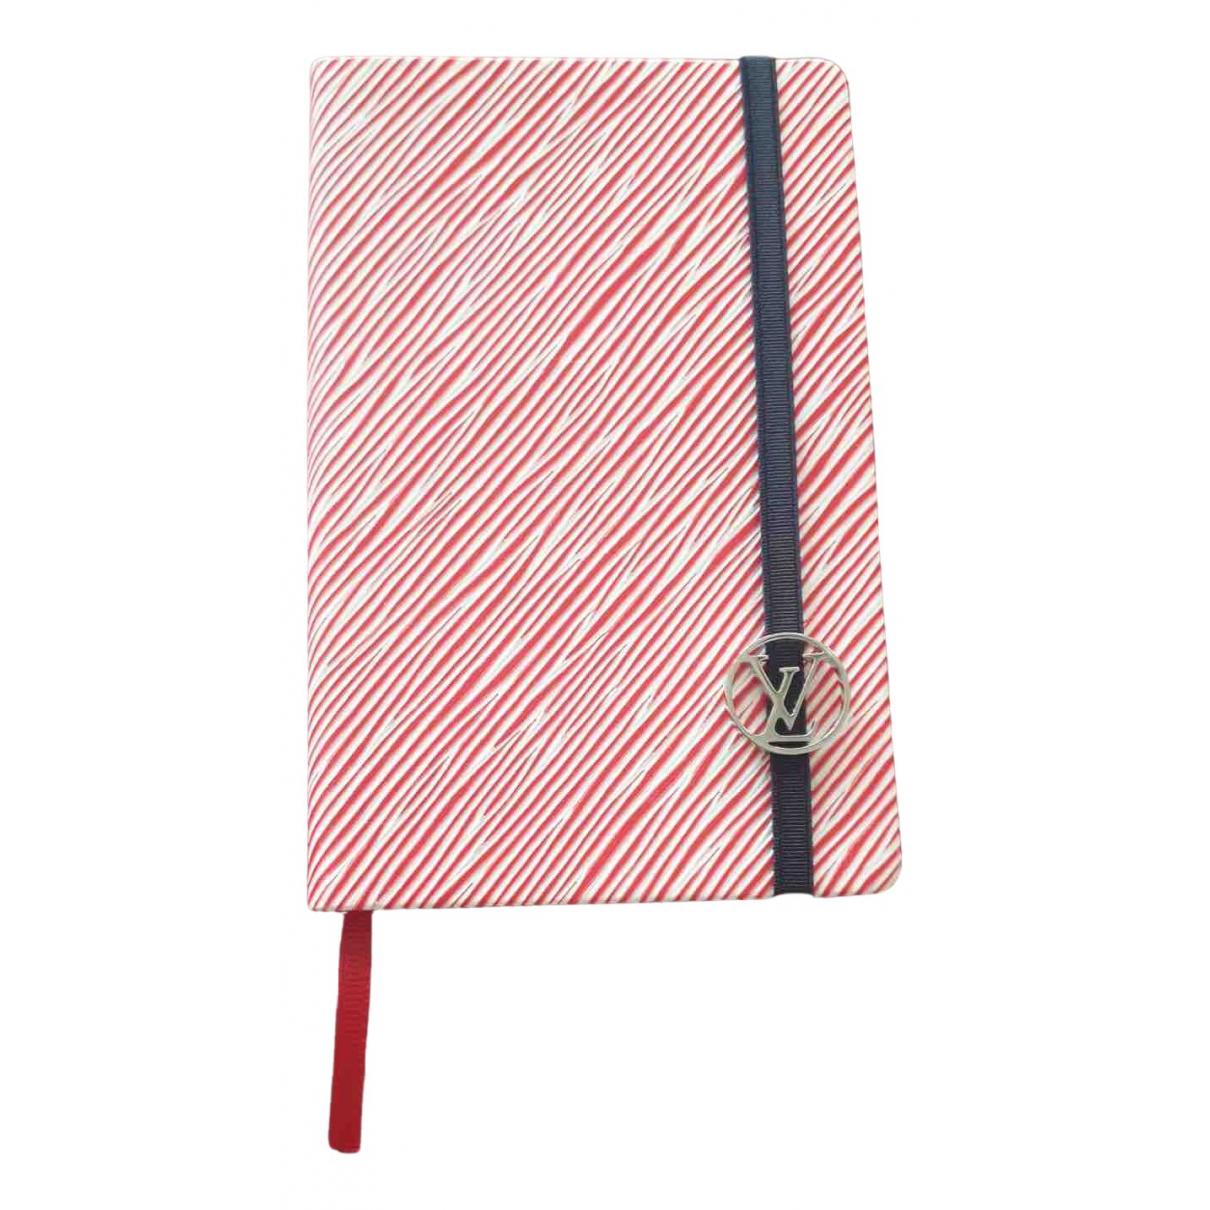 Louis Vuitton \N Accessoires und Dekoration in  Rot Leder